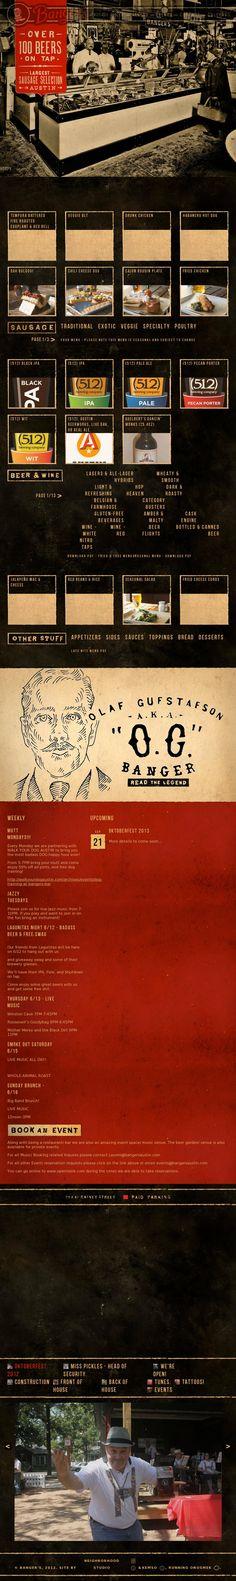 Unique Web Design, Banger's Austin via @kortneygail #Web #Design #Beer